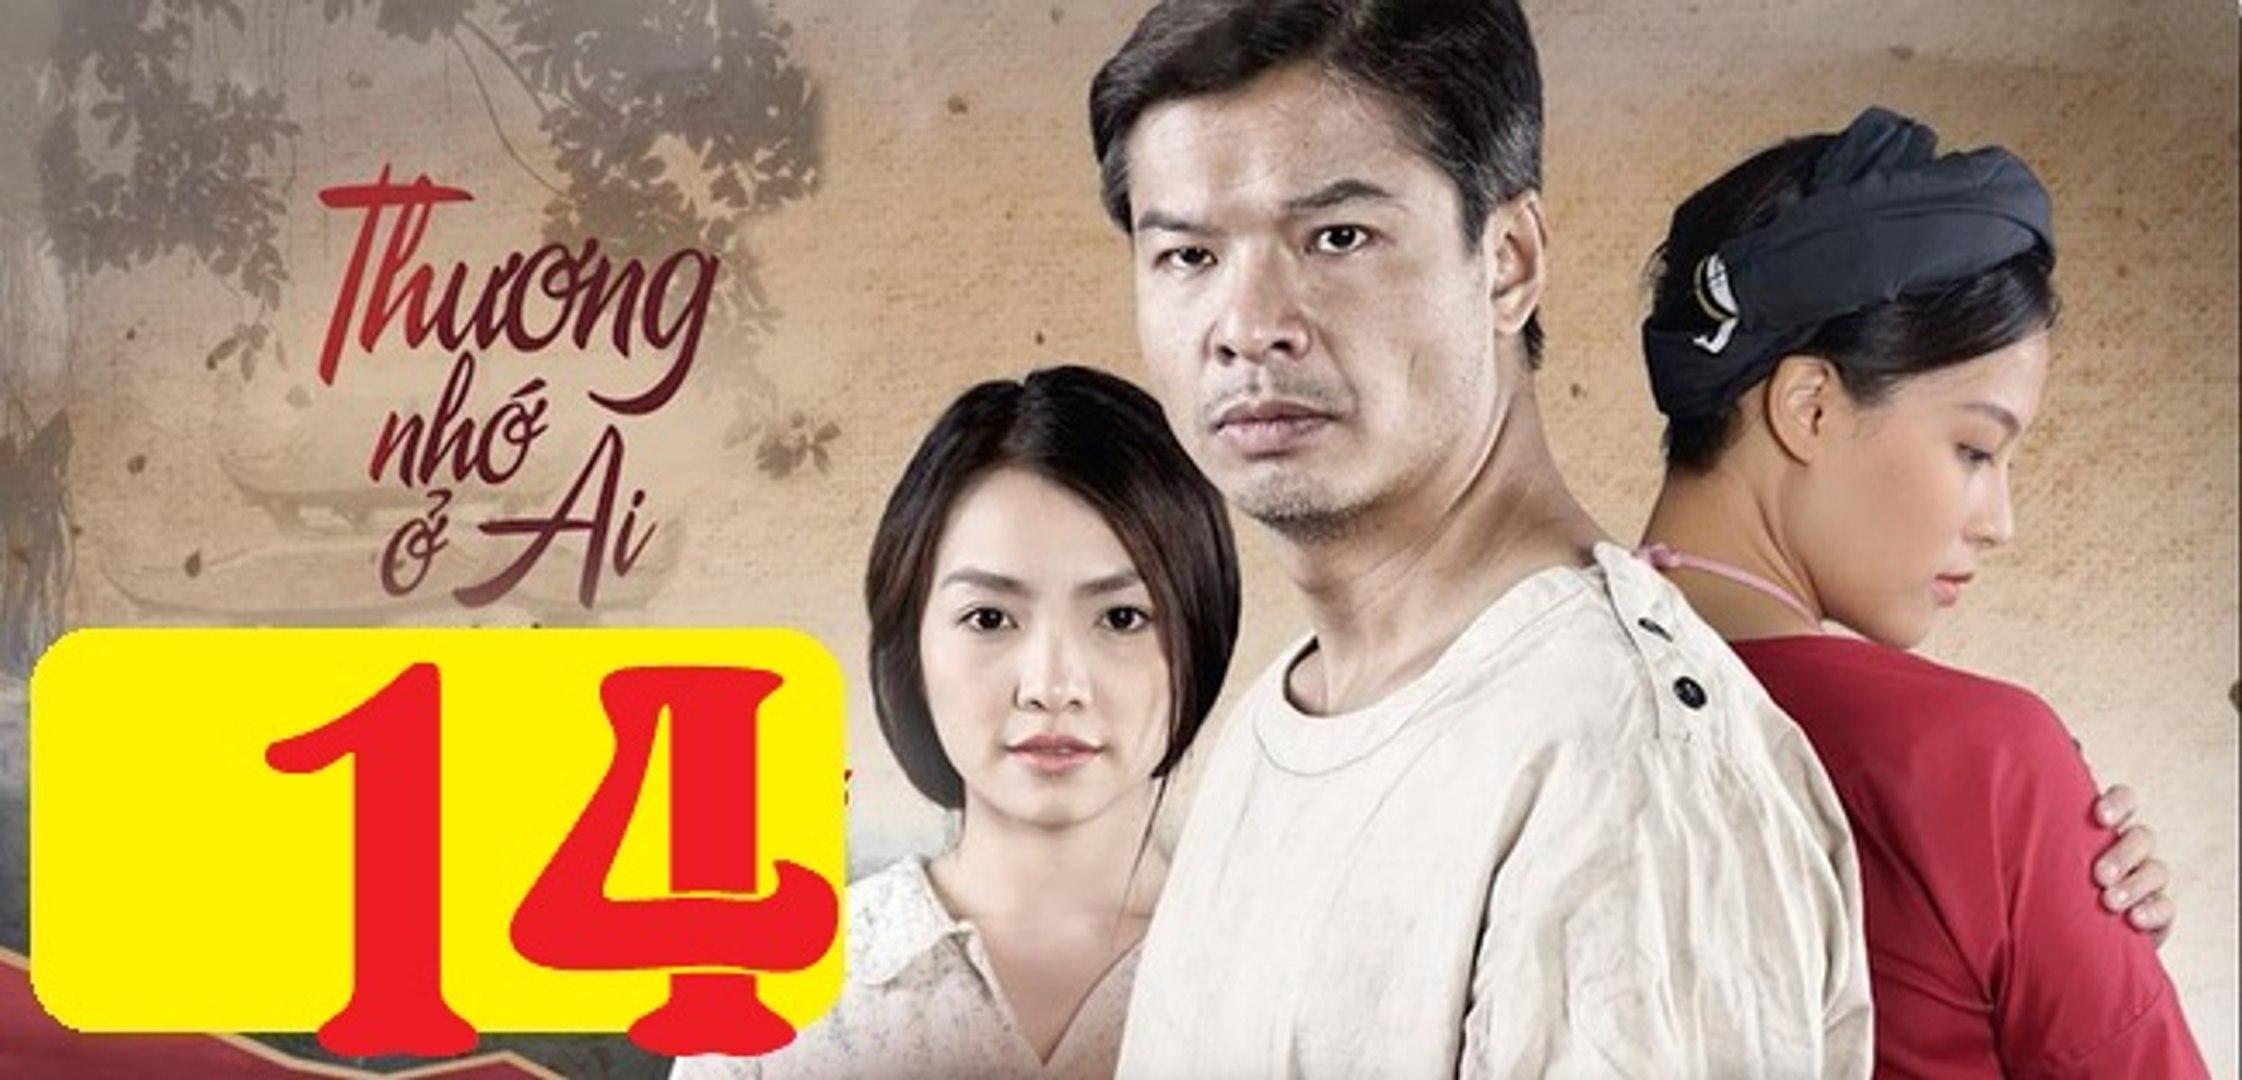 Thương Nhớ Ở Ai Tập 14 - Thuong Nho o ai 14 trailer | Phim Rubic 8